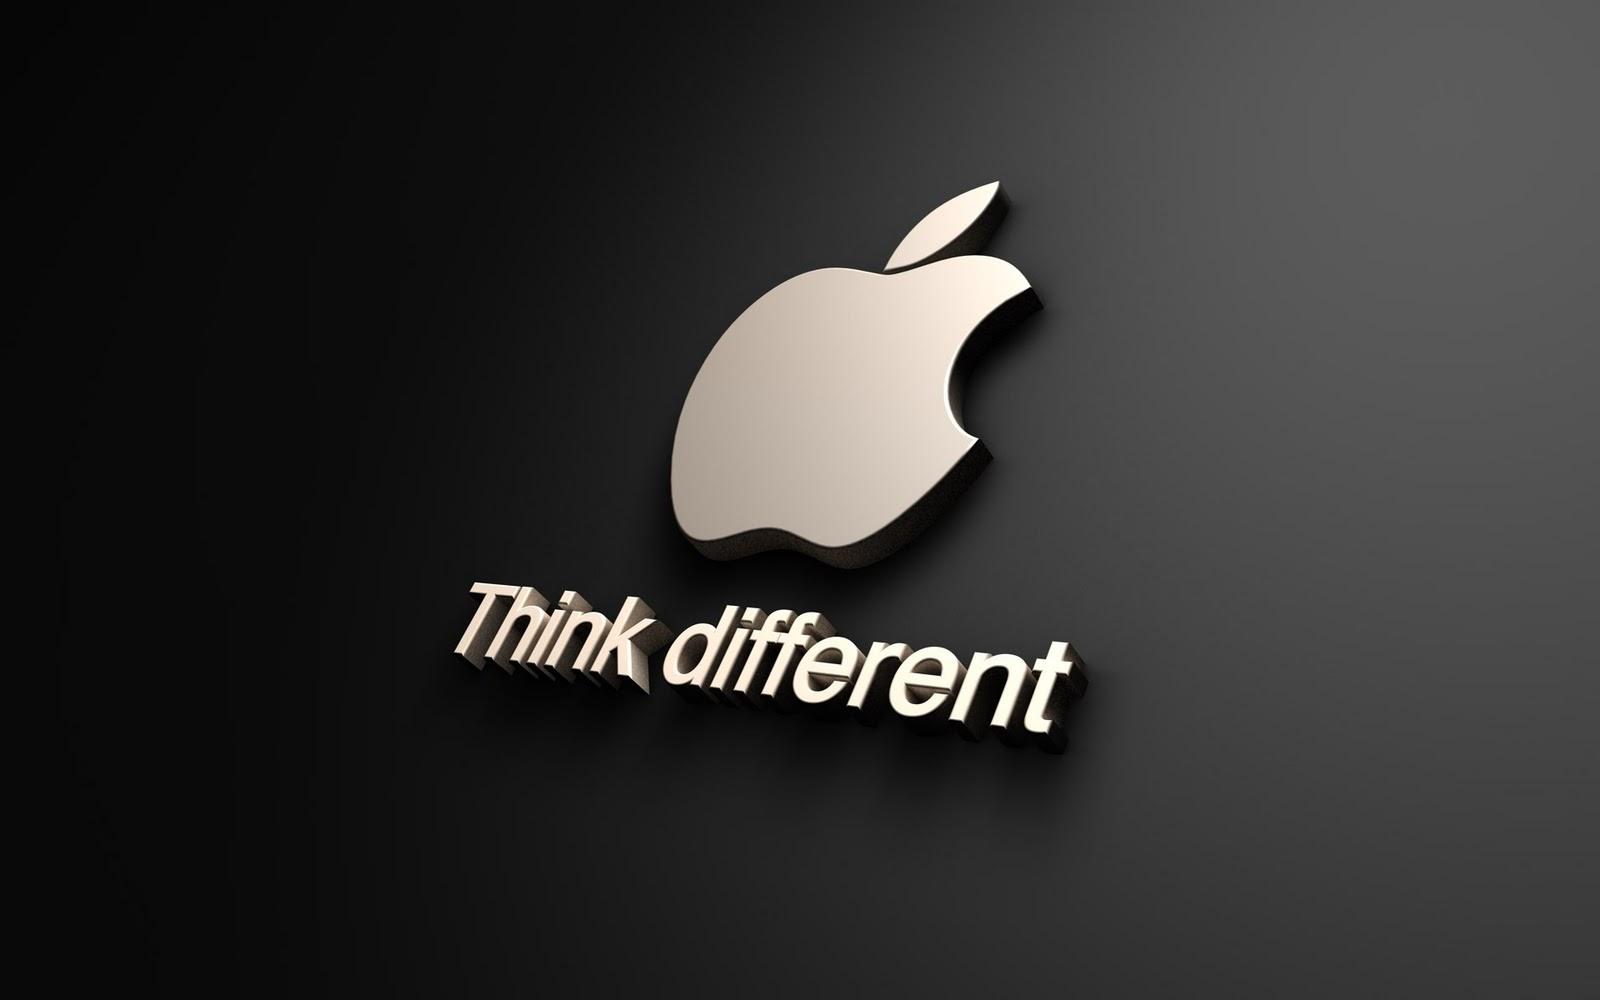 La Cnil épingle Apple pour des méthodes de flicage dans les magasins